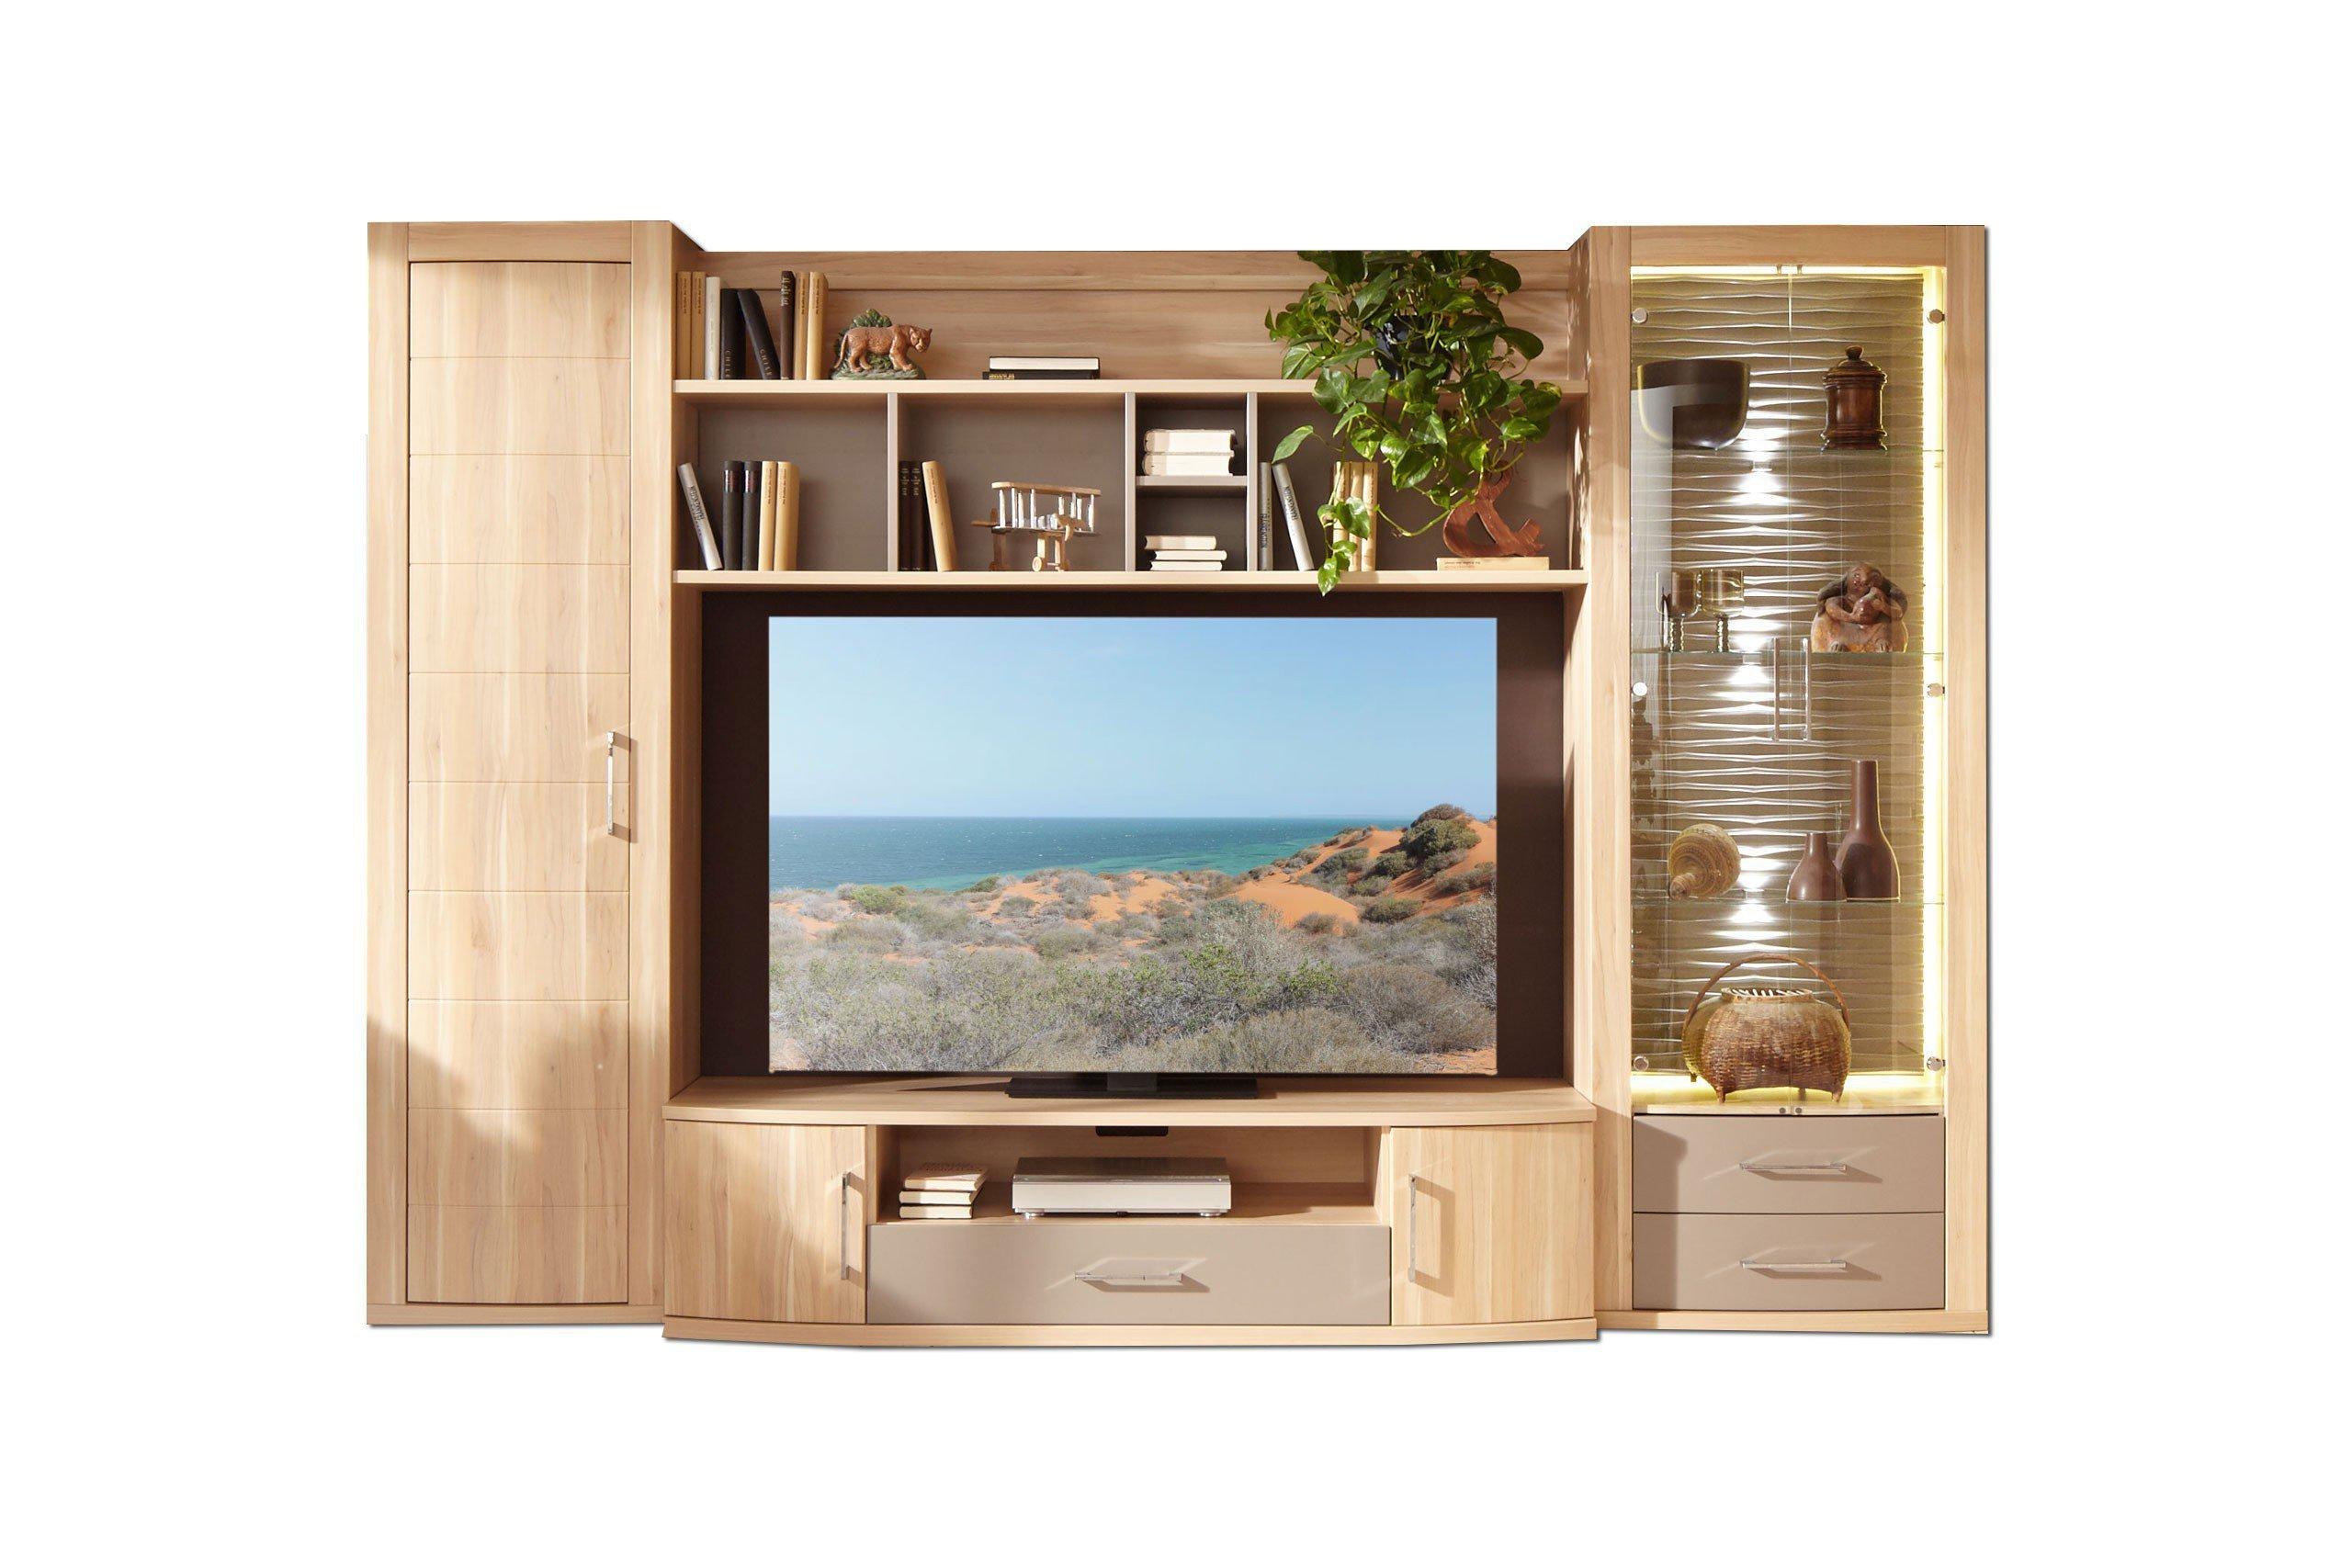 couchtisch apfelbaum couchtisch silber glas bauhaus wei hochglanz g nstig kaufen diy. Black Bedroom Furniture Sets. Home Design Ideas